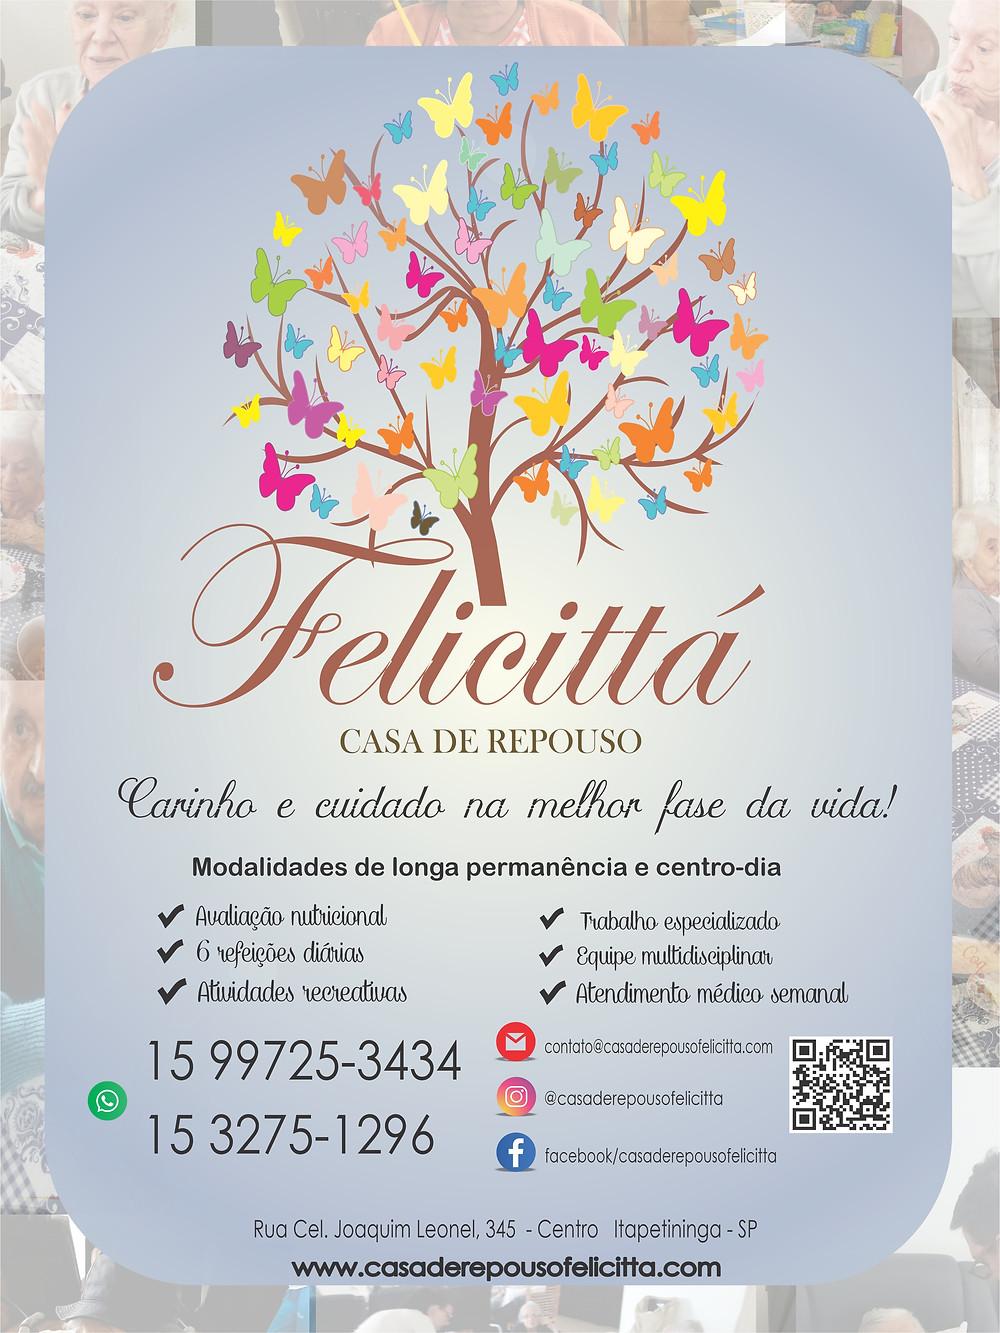 Anúncio da Casa de Repouso Felicittá na Revista Top da Cidade, edição 54, em Itapetininga